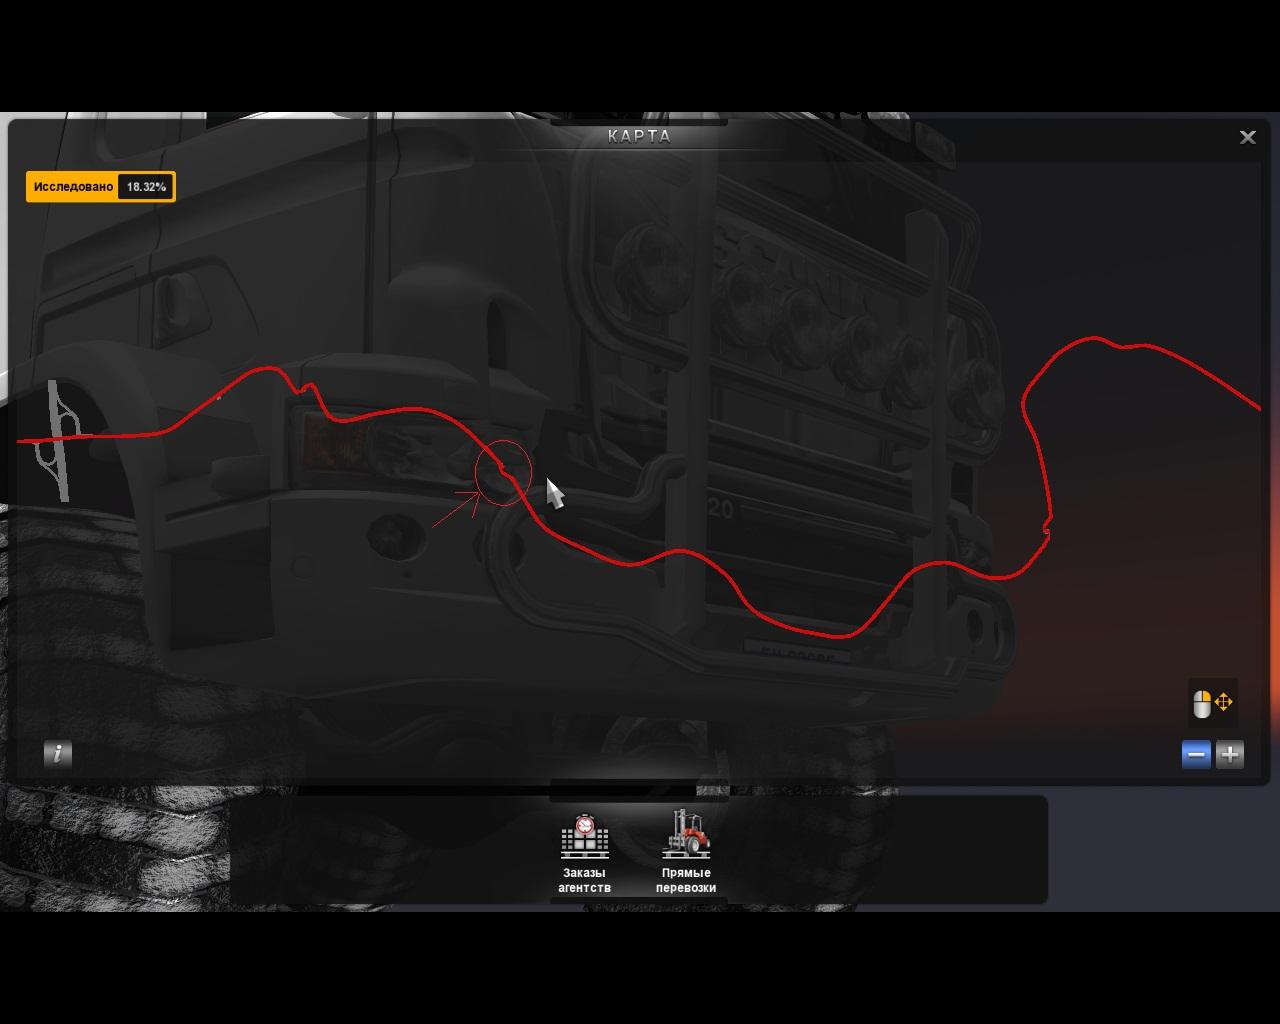 Goba Truckers Map R43 скачать торрент - картинка 4